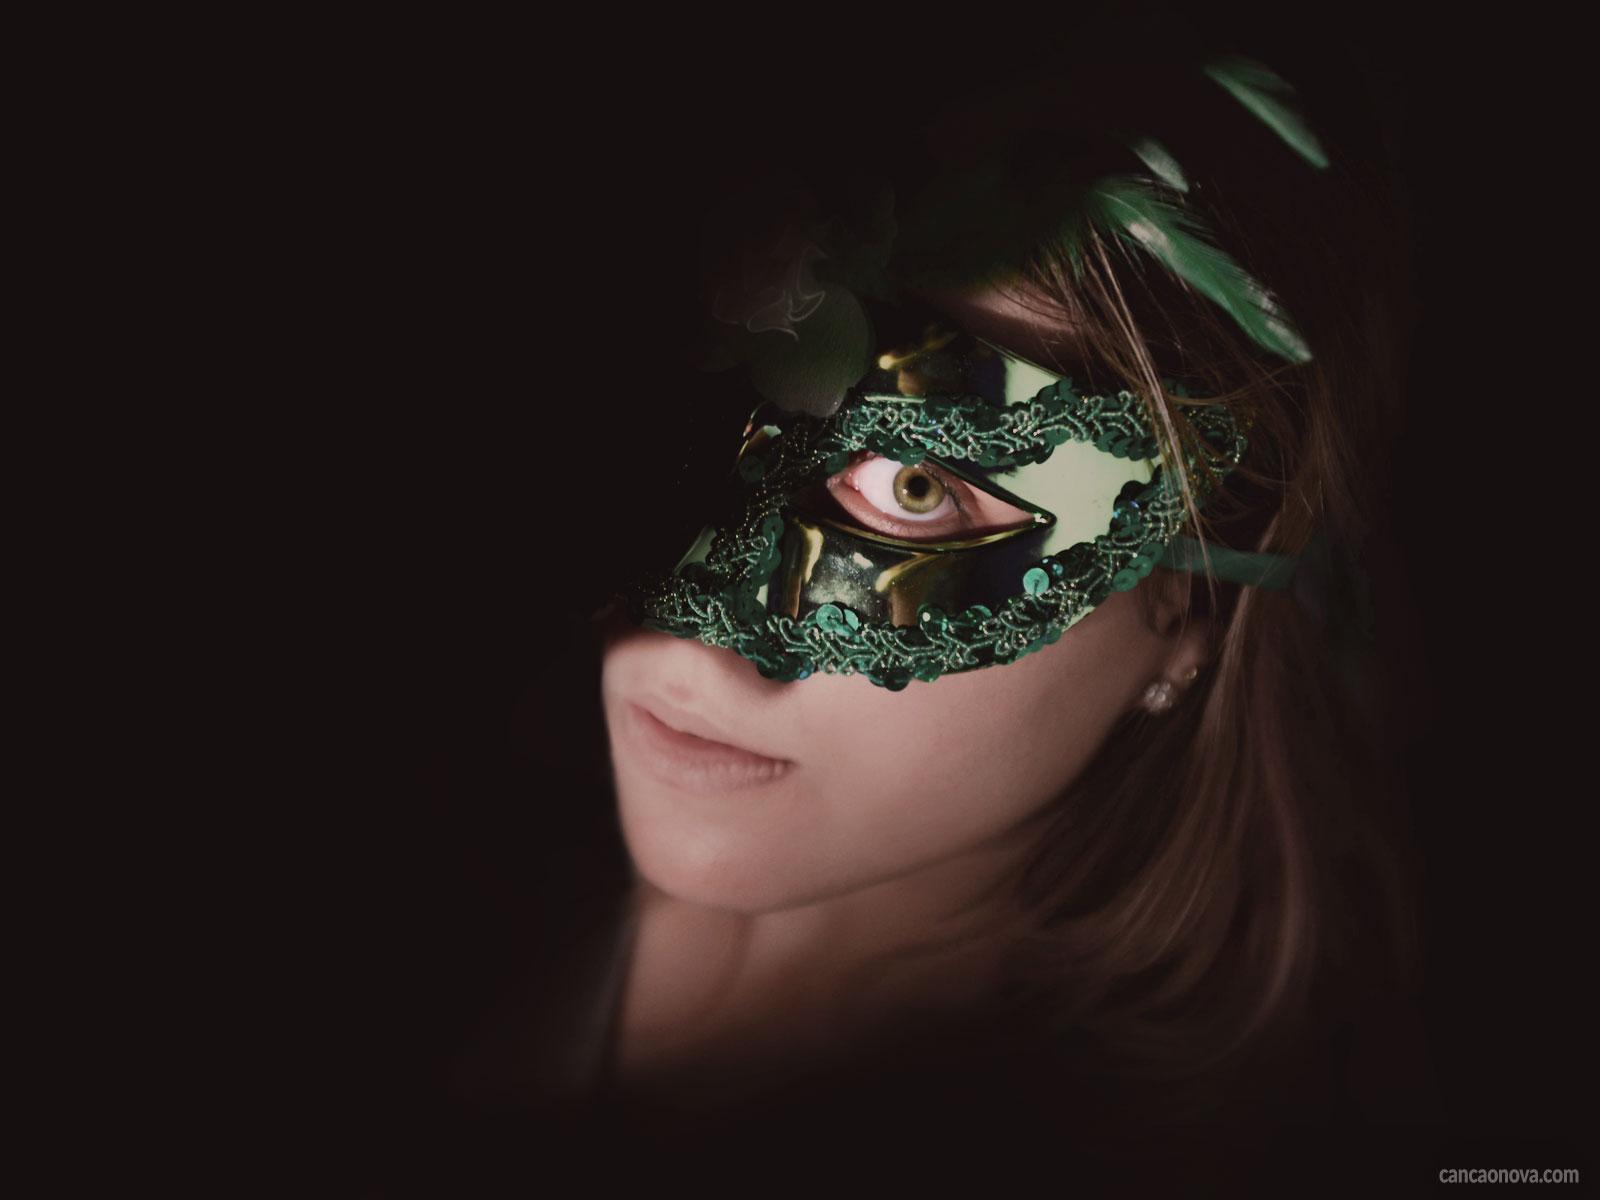 A-mascara-mundana-de-sexo-seguro